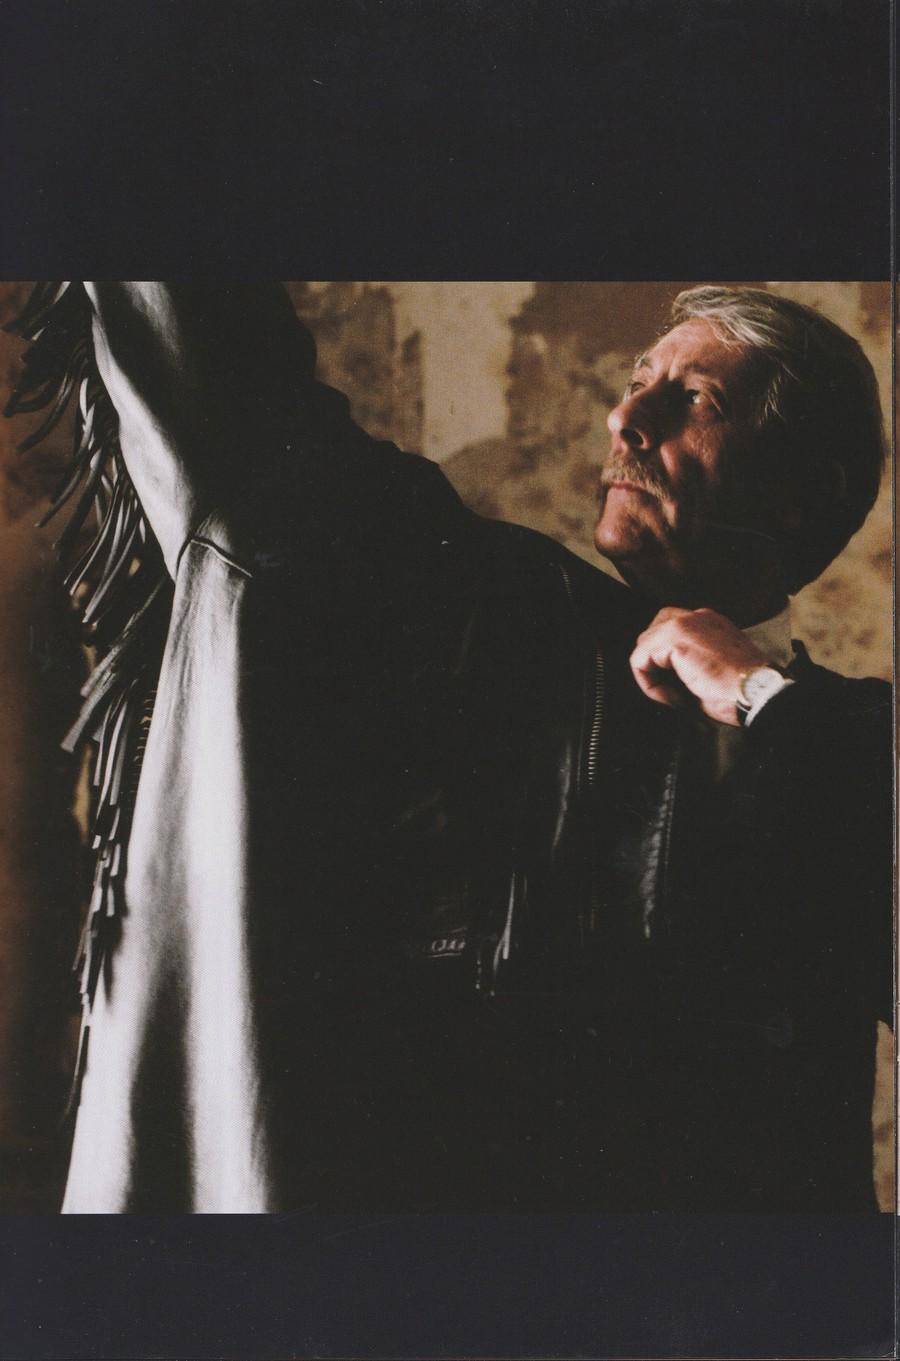 LES FILMS DE JOHNNY 'L'HOMME DU TRAIN' 2002 Img_2748